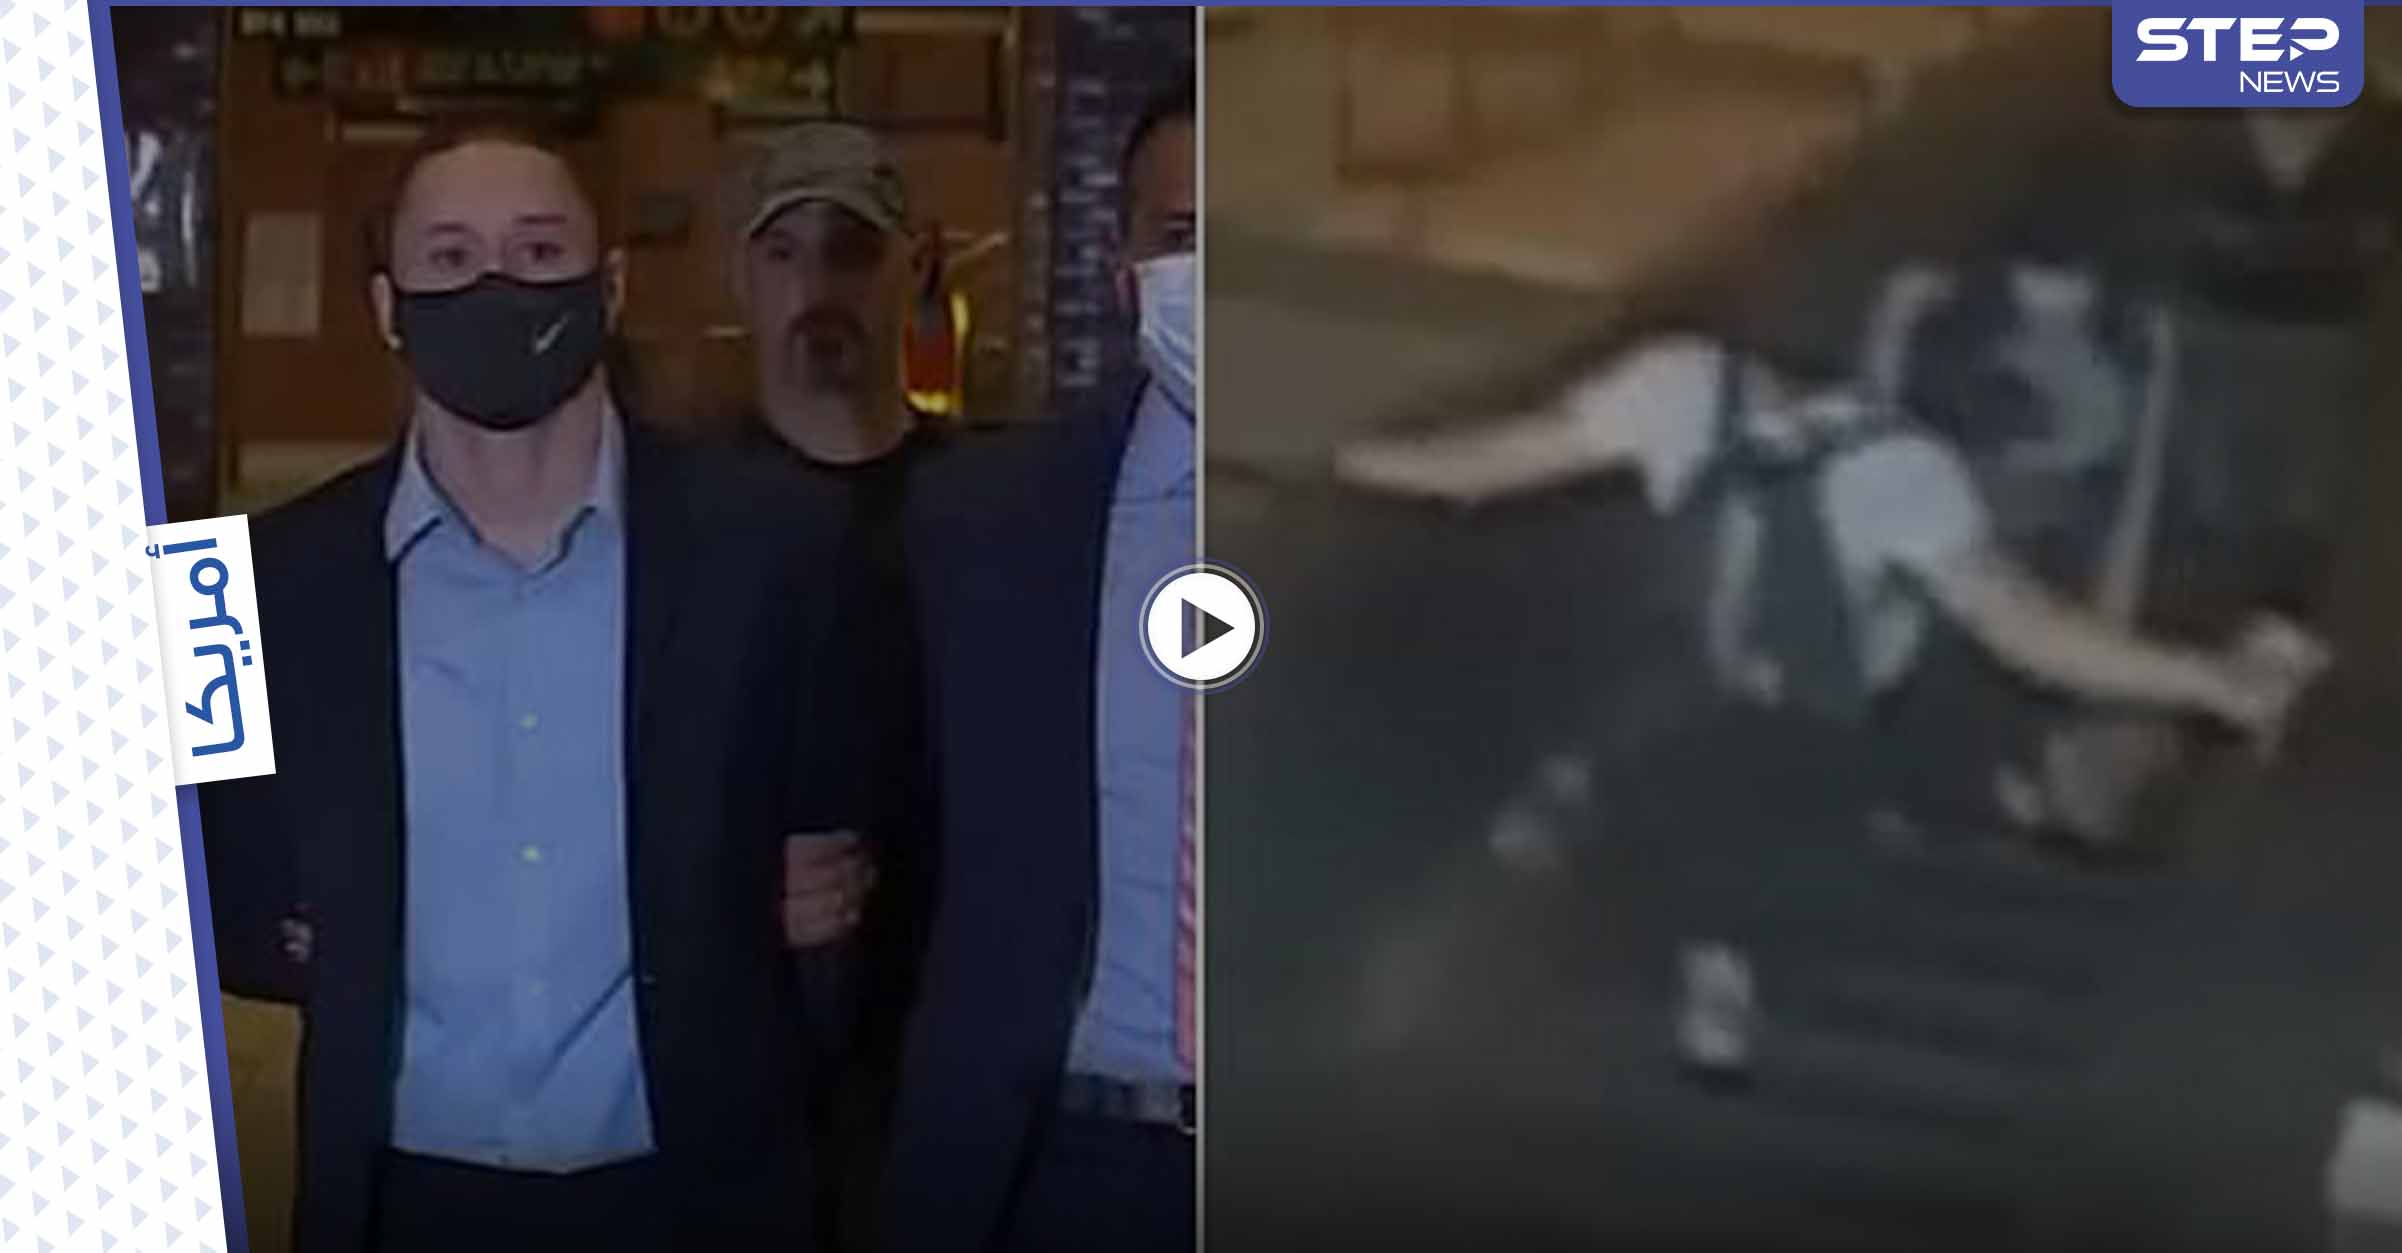 بالفيديو|| رجل يهاجم امرأة على مصعد كهربائي ويركلها بصدرها متسبباً بدحرجتها أرضاً.. والسبب كلمة عفواً